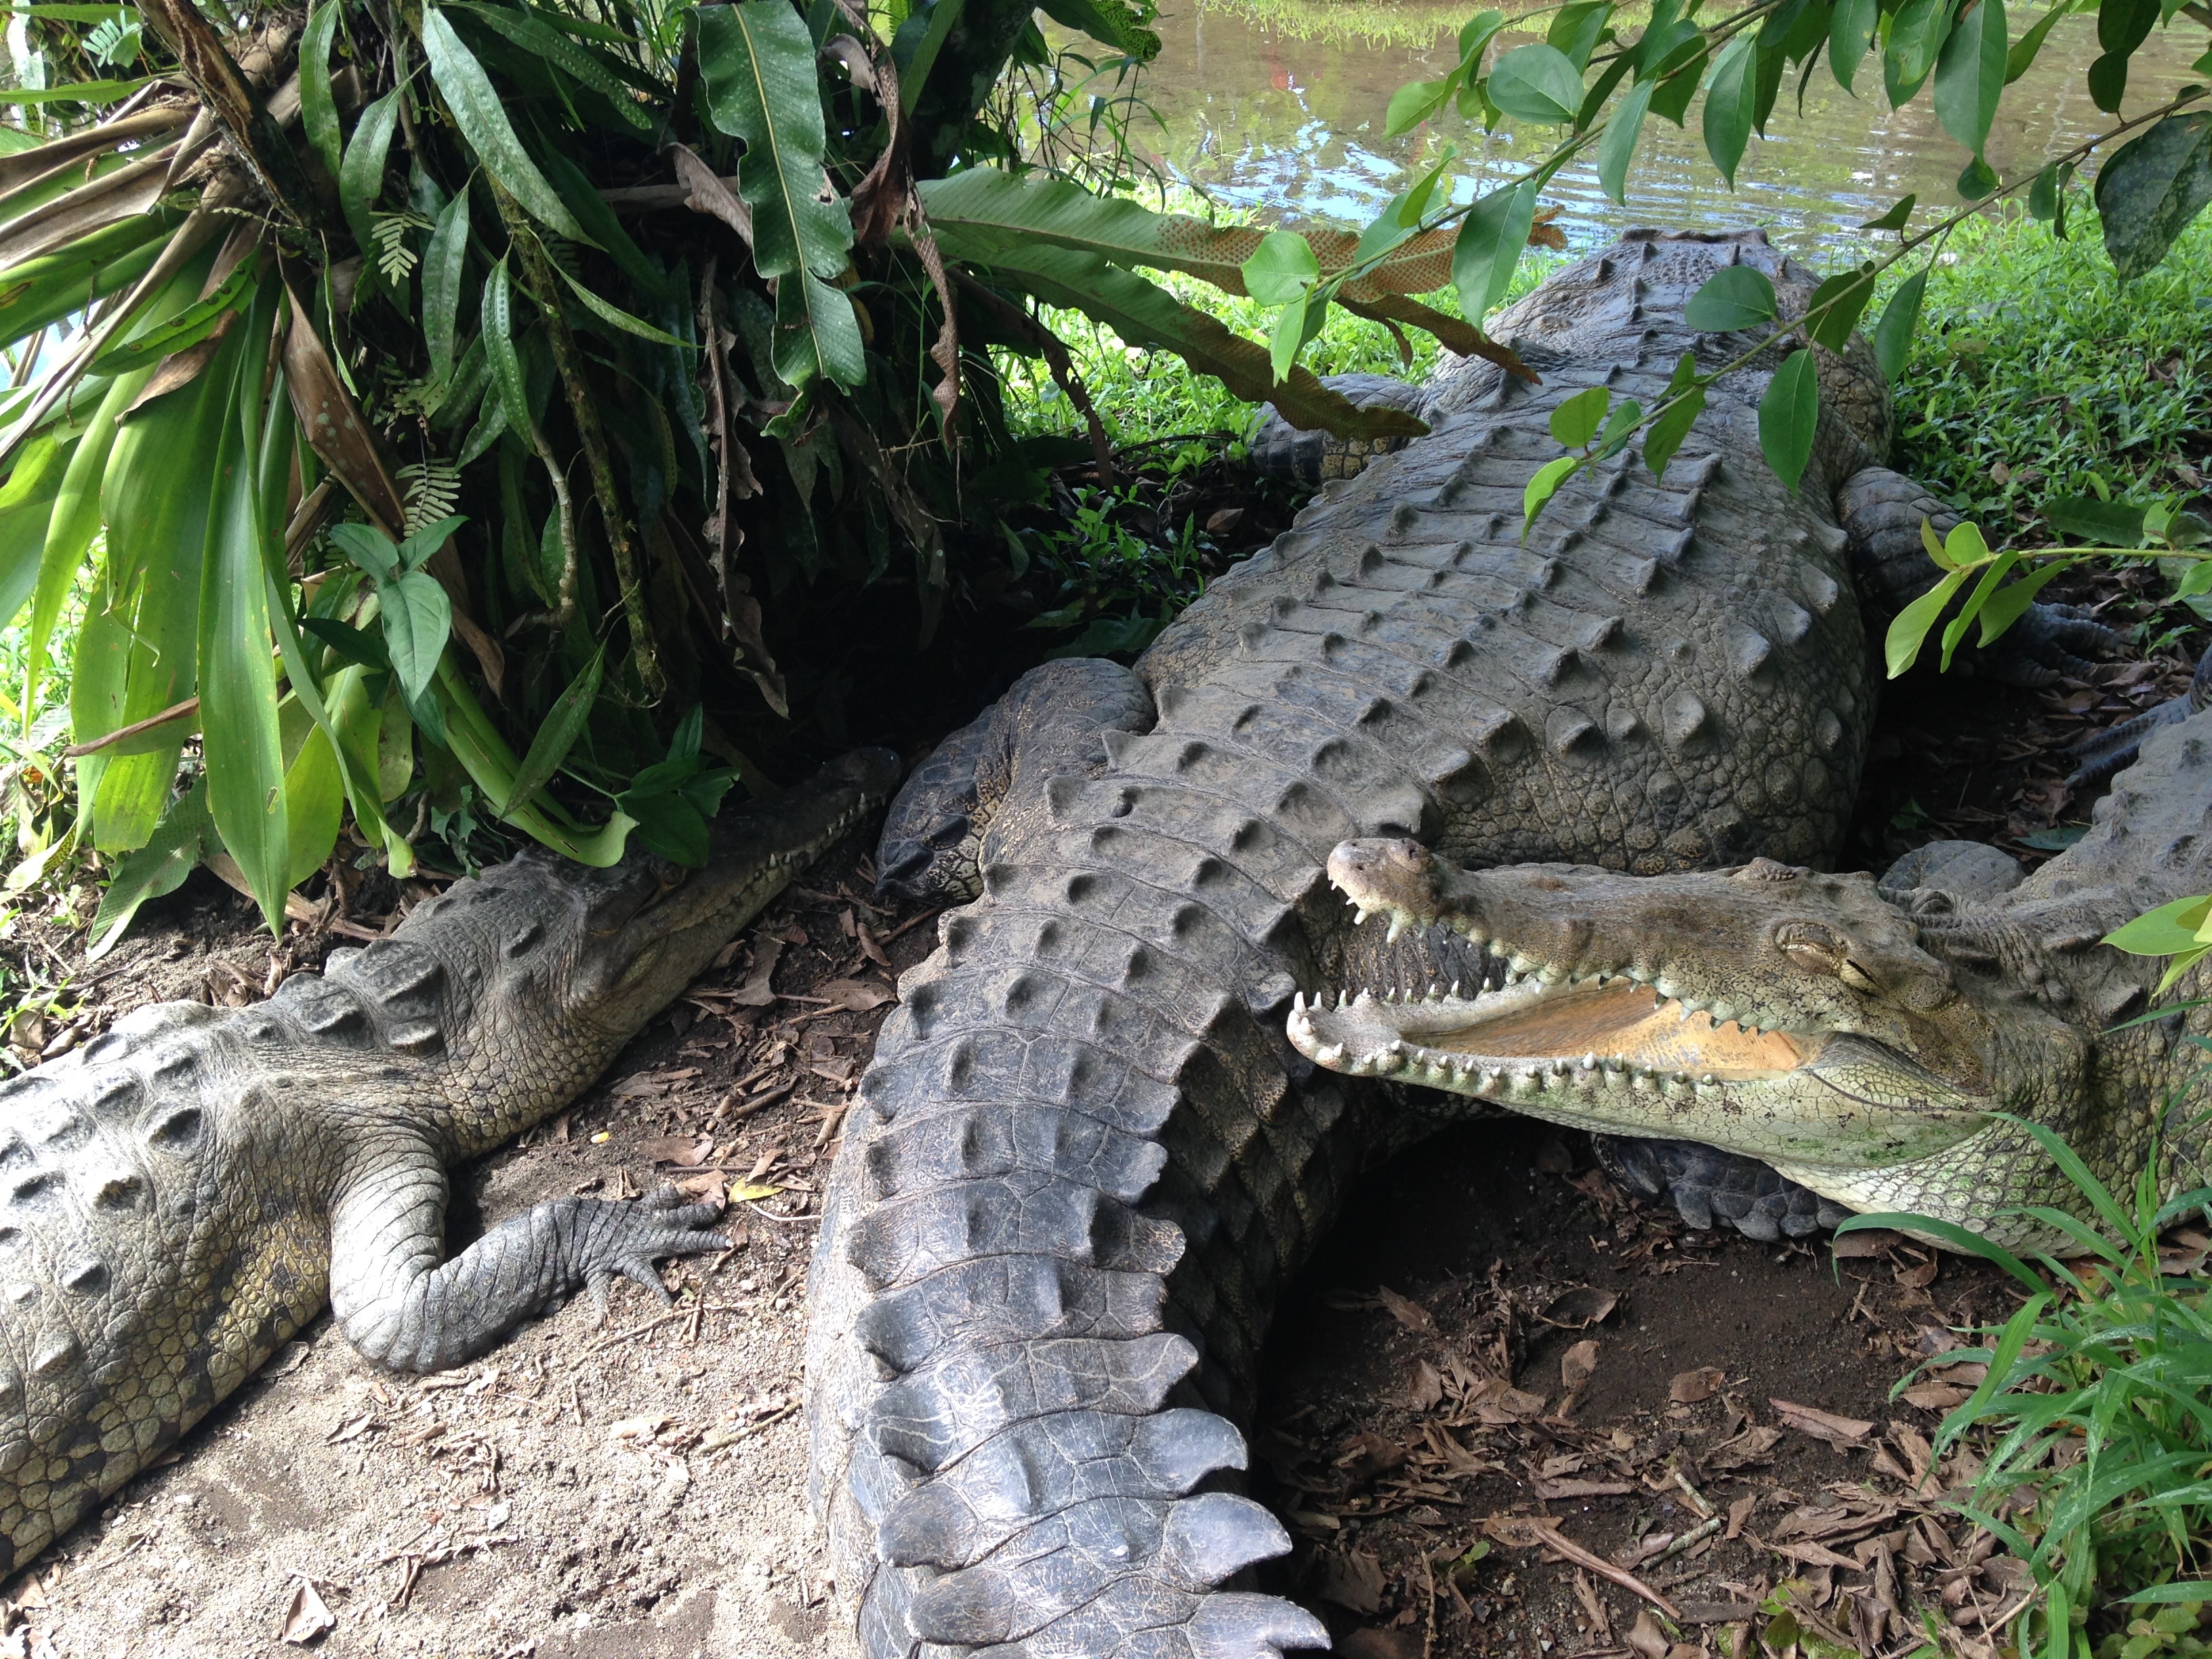 Cocodrilos. La Fortuna, Costa Rica